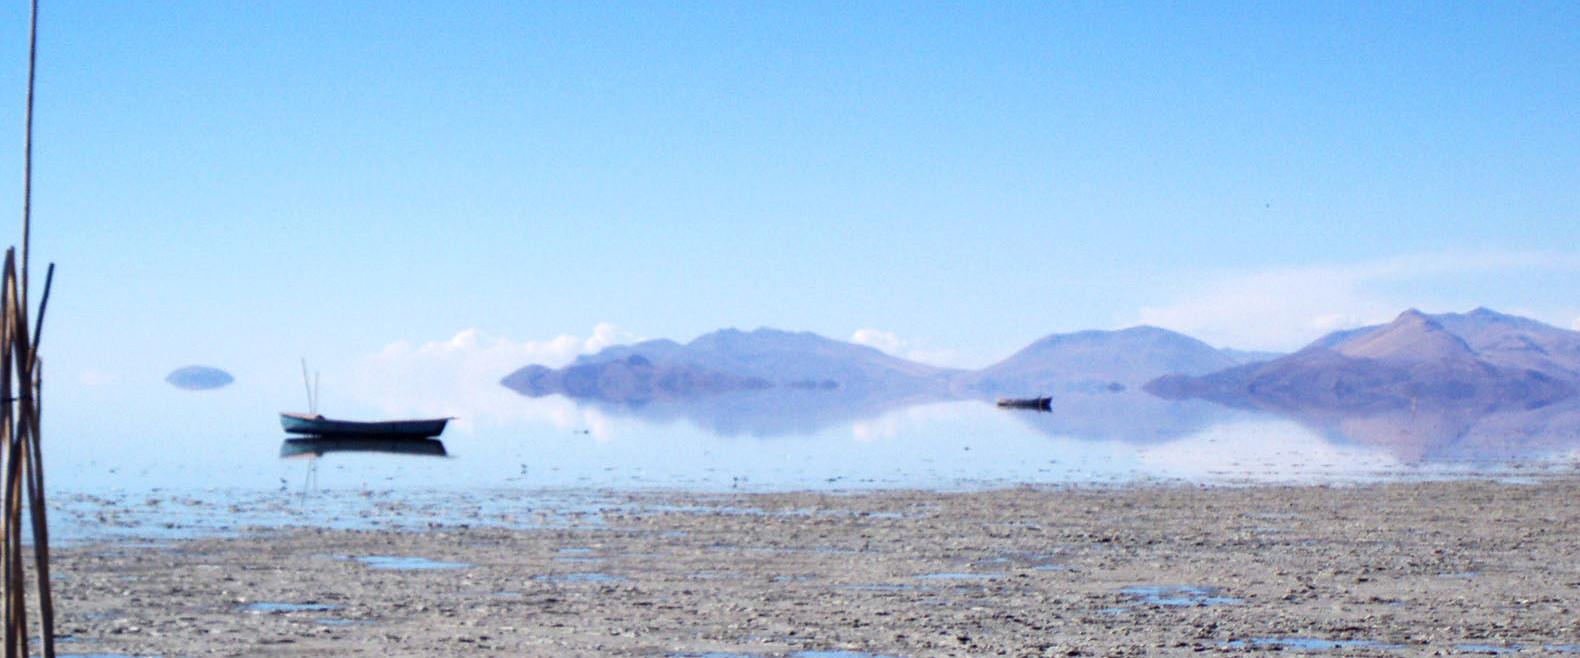 Второе по величине озеро в Боливии полностью высохло